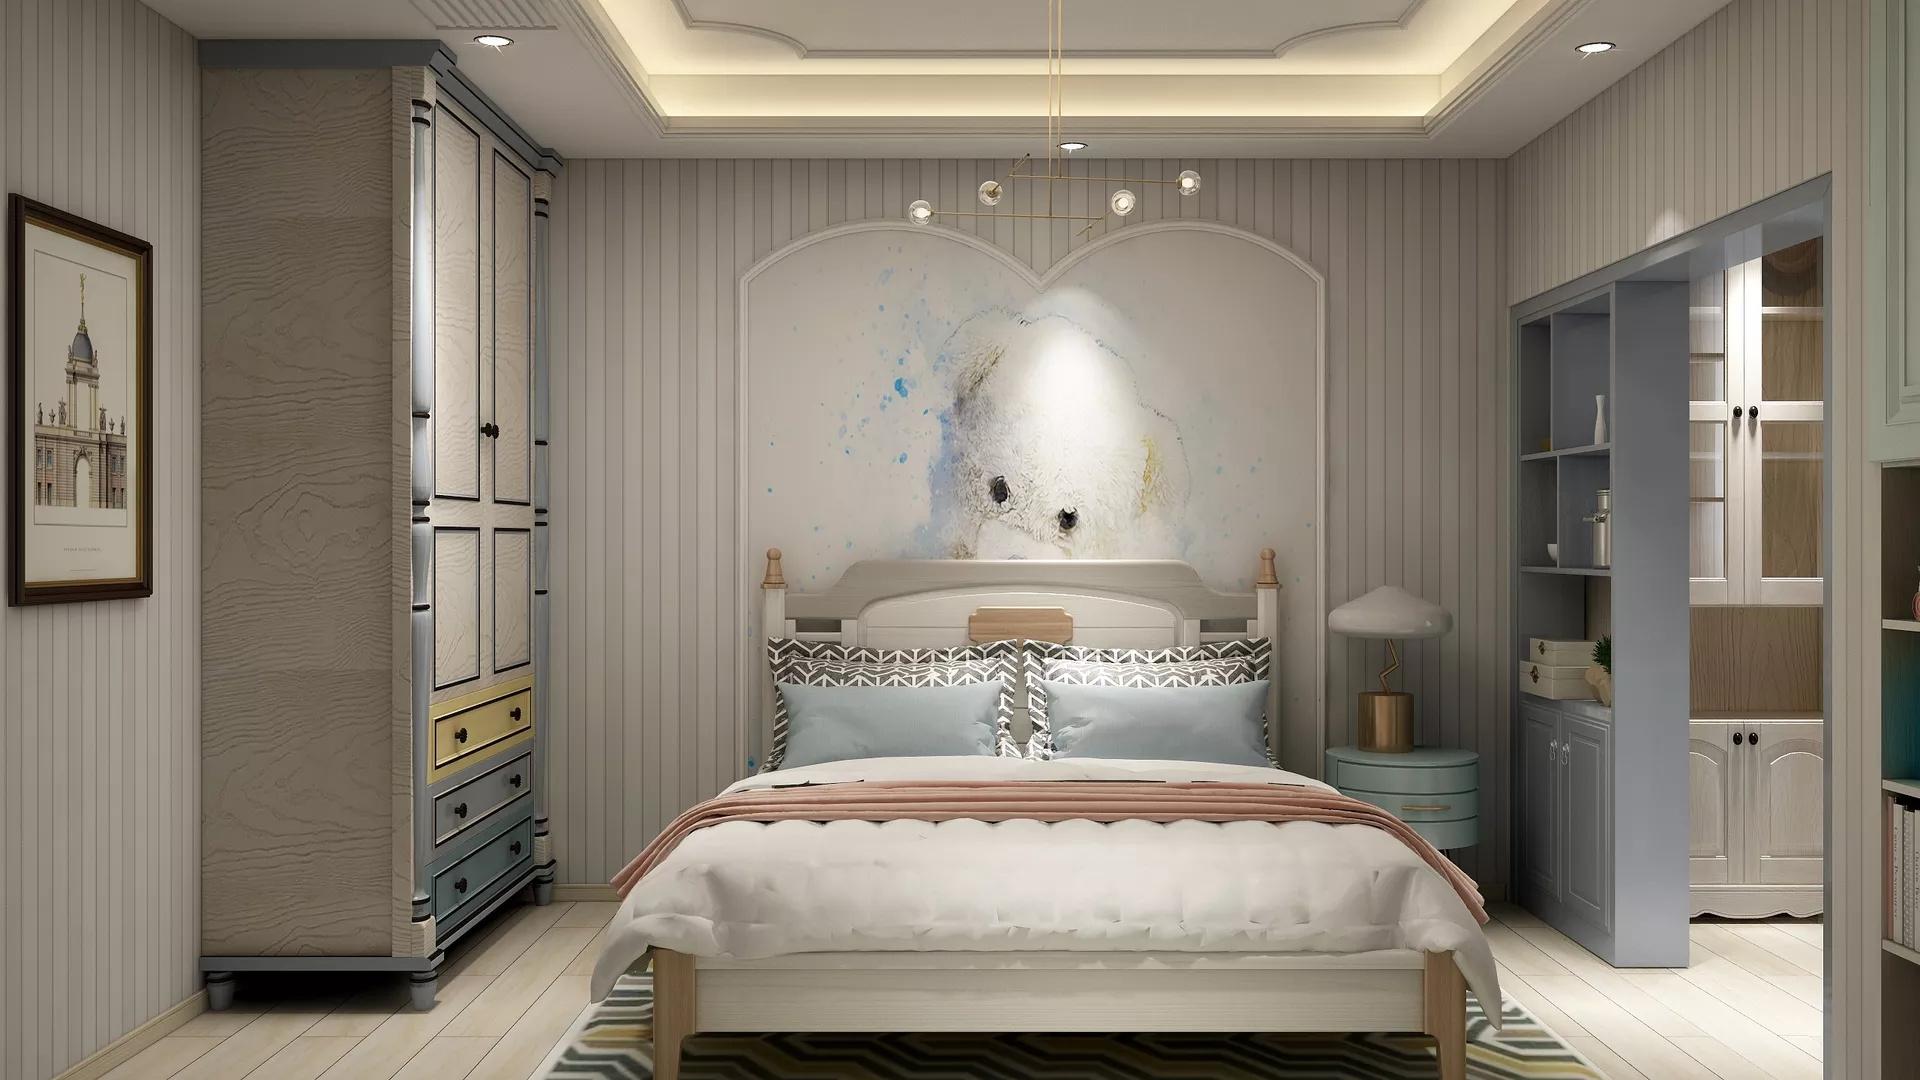 臥室陽臺隔斷如何設計裝修?臥室陽臺隔斷有什么方式?